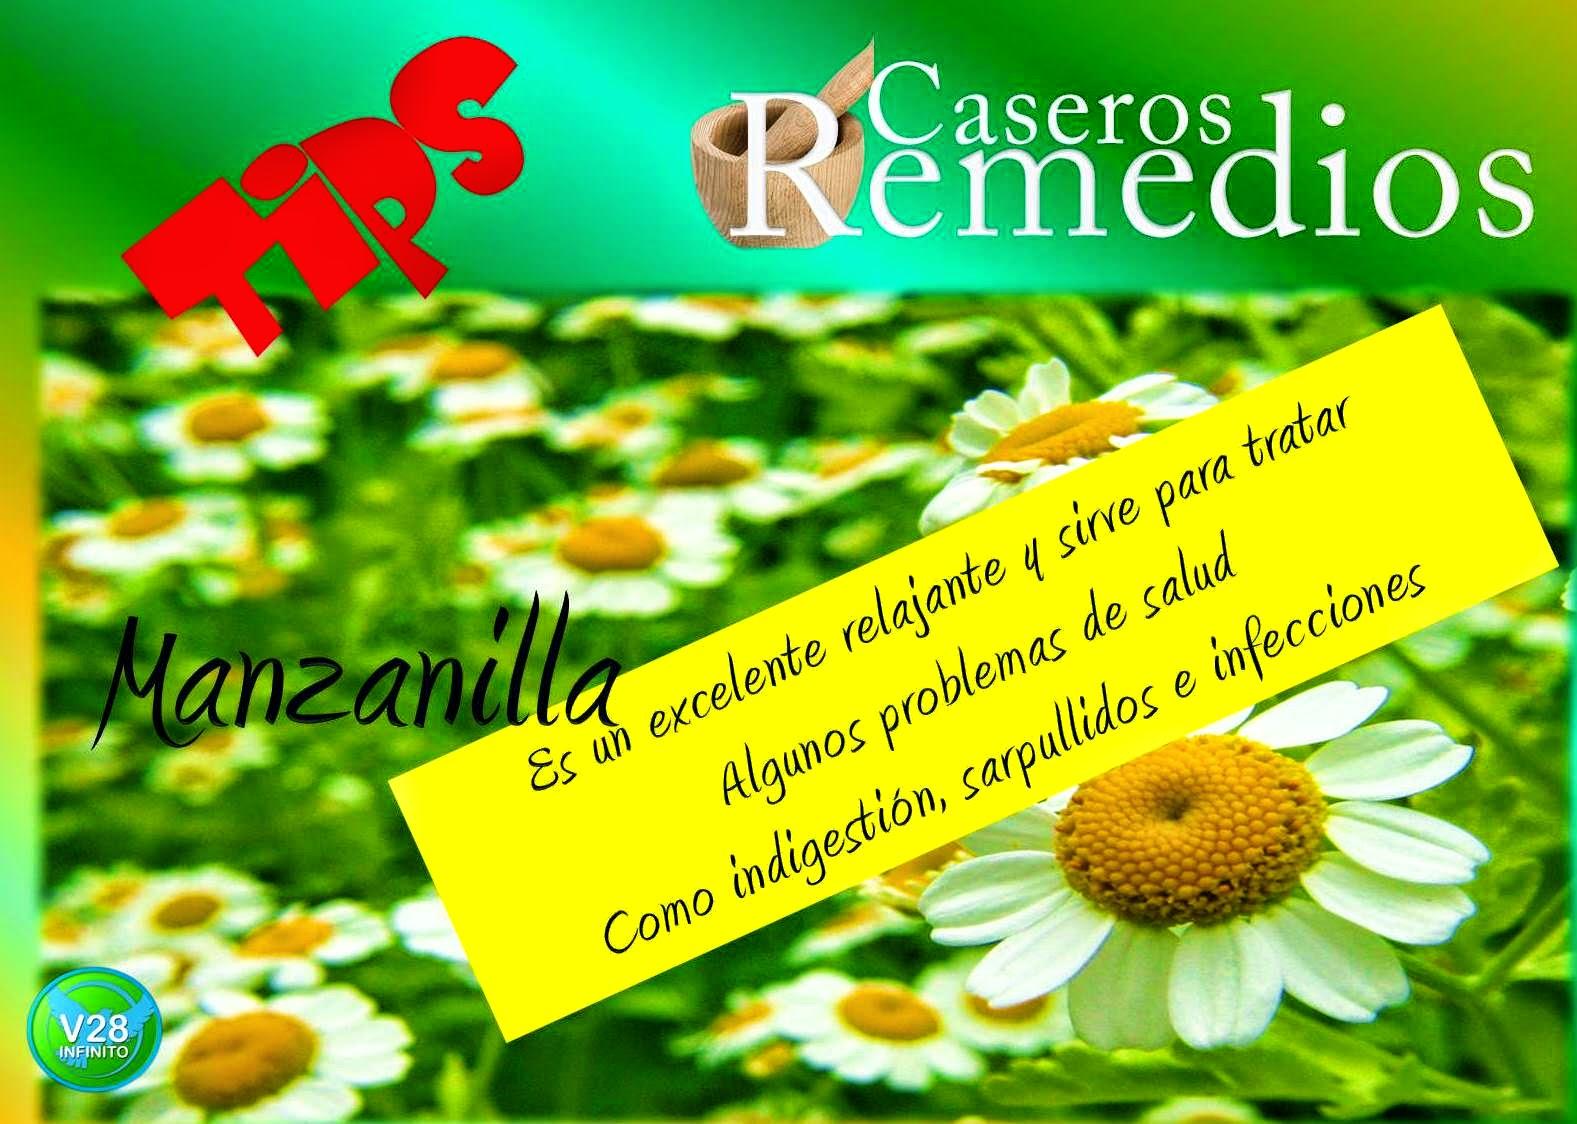 imagen manzanilla remedios caseros